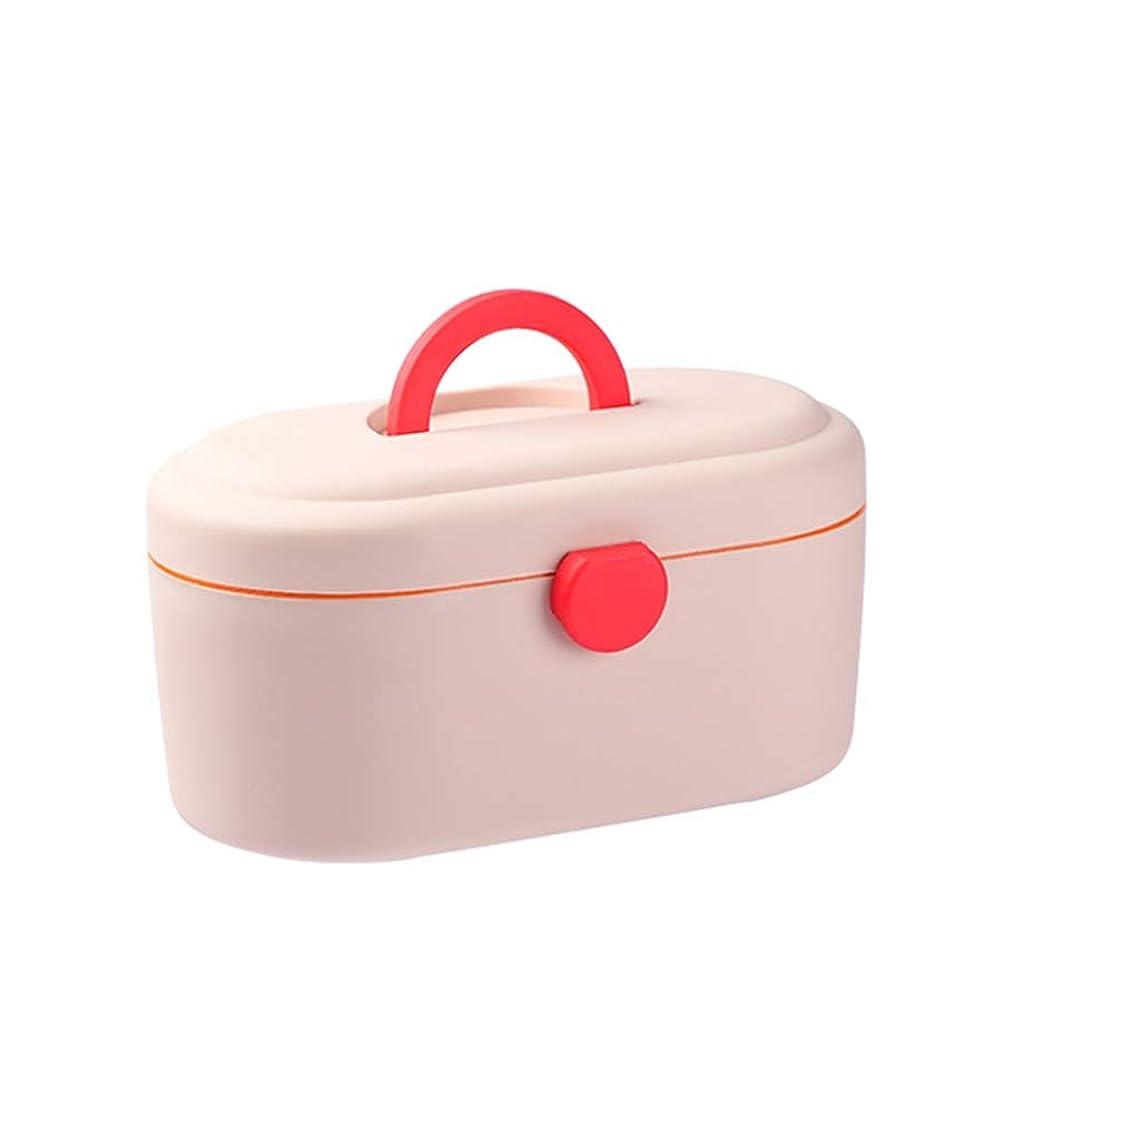 糞予測勉強するSGLI 家庭用薬箱、大容量のプラスチック製の携帯用薬用収納ボックス、家庭用多層救急箱 (Color : Pink)